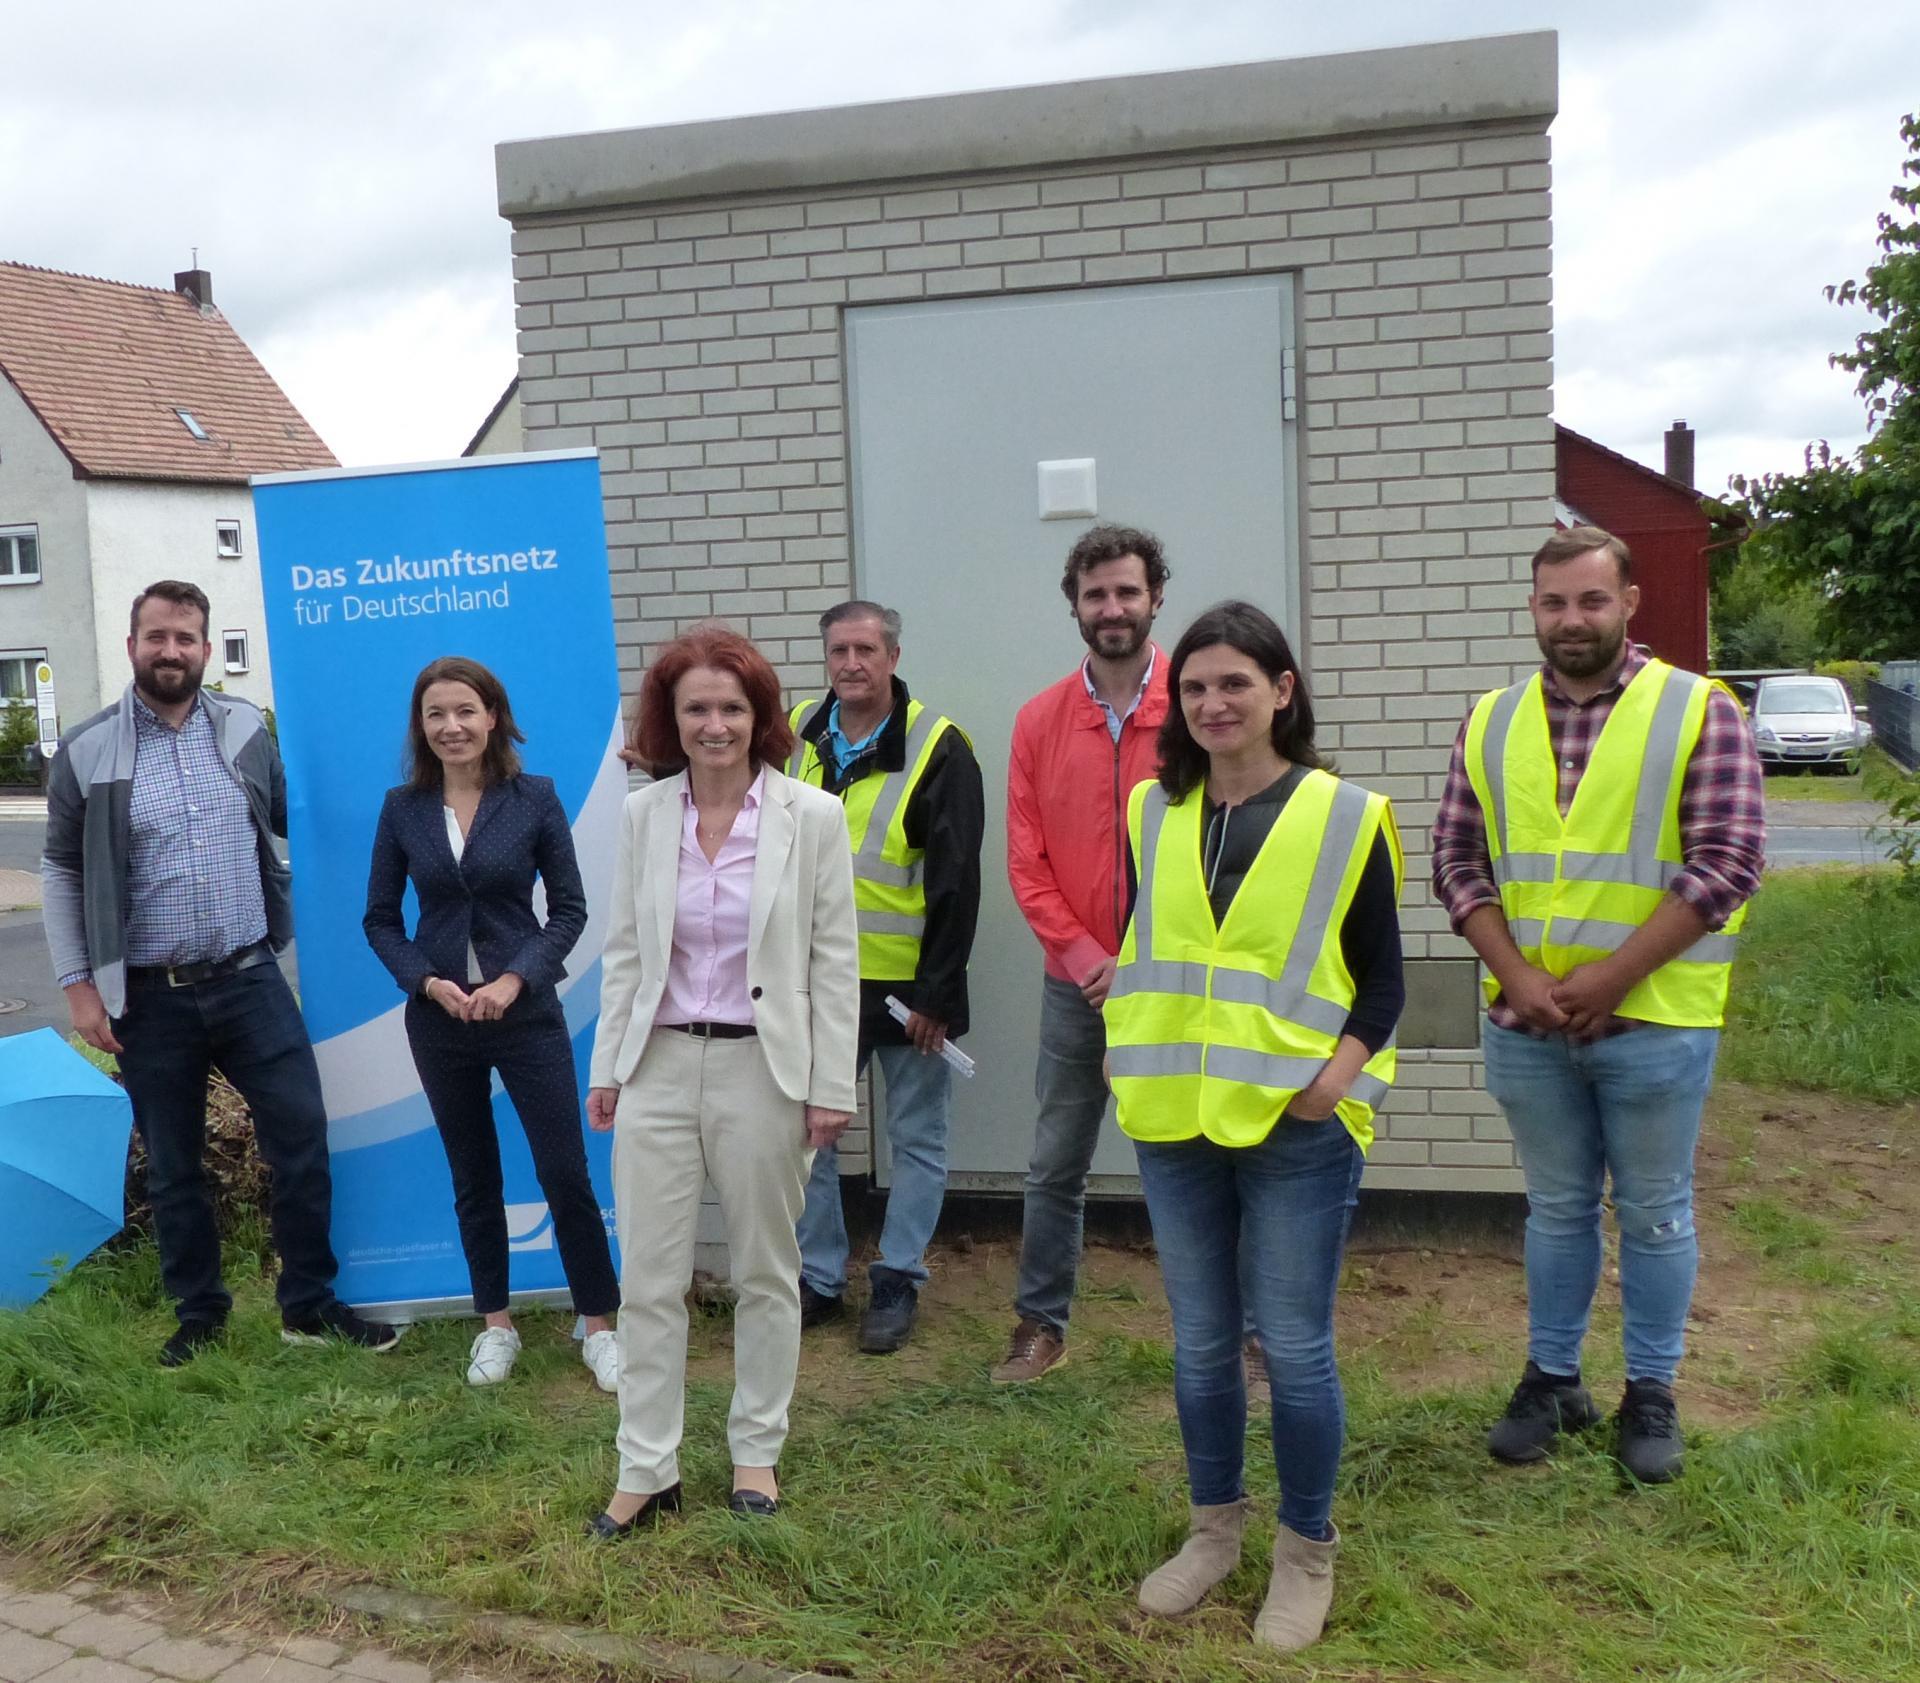 Deutsche Glasfaser und Baupartner Verne präsentieren der Stadt den neuen Hauptverteiler in Wachenbuchen.